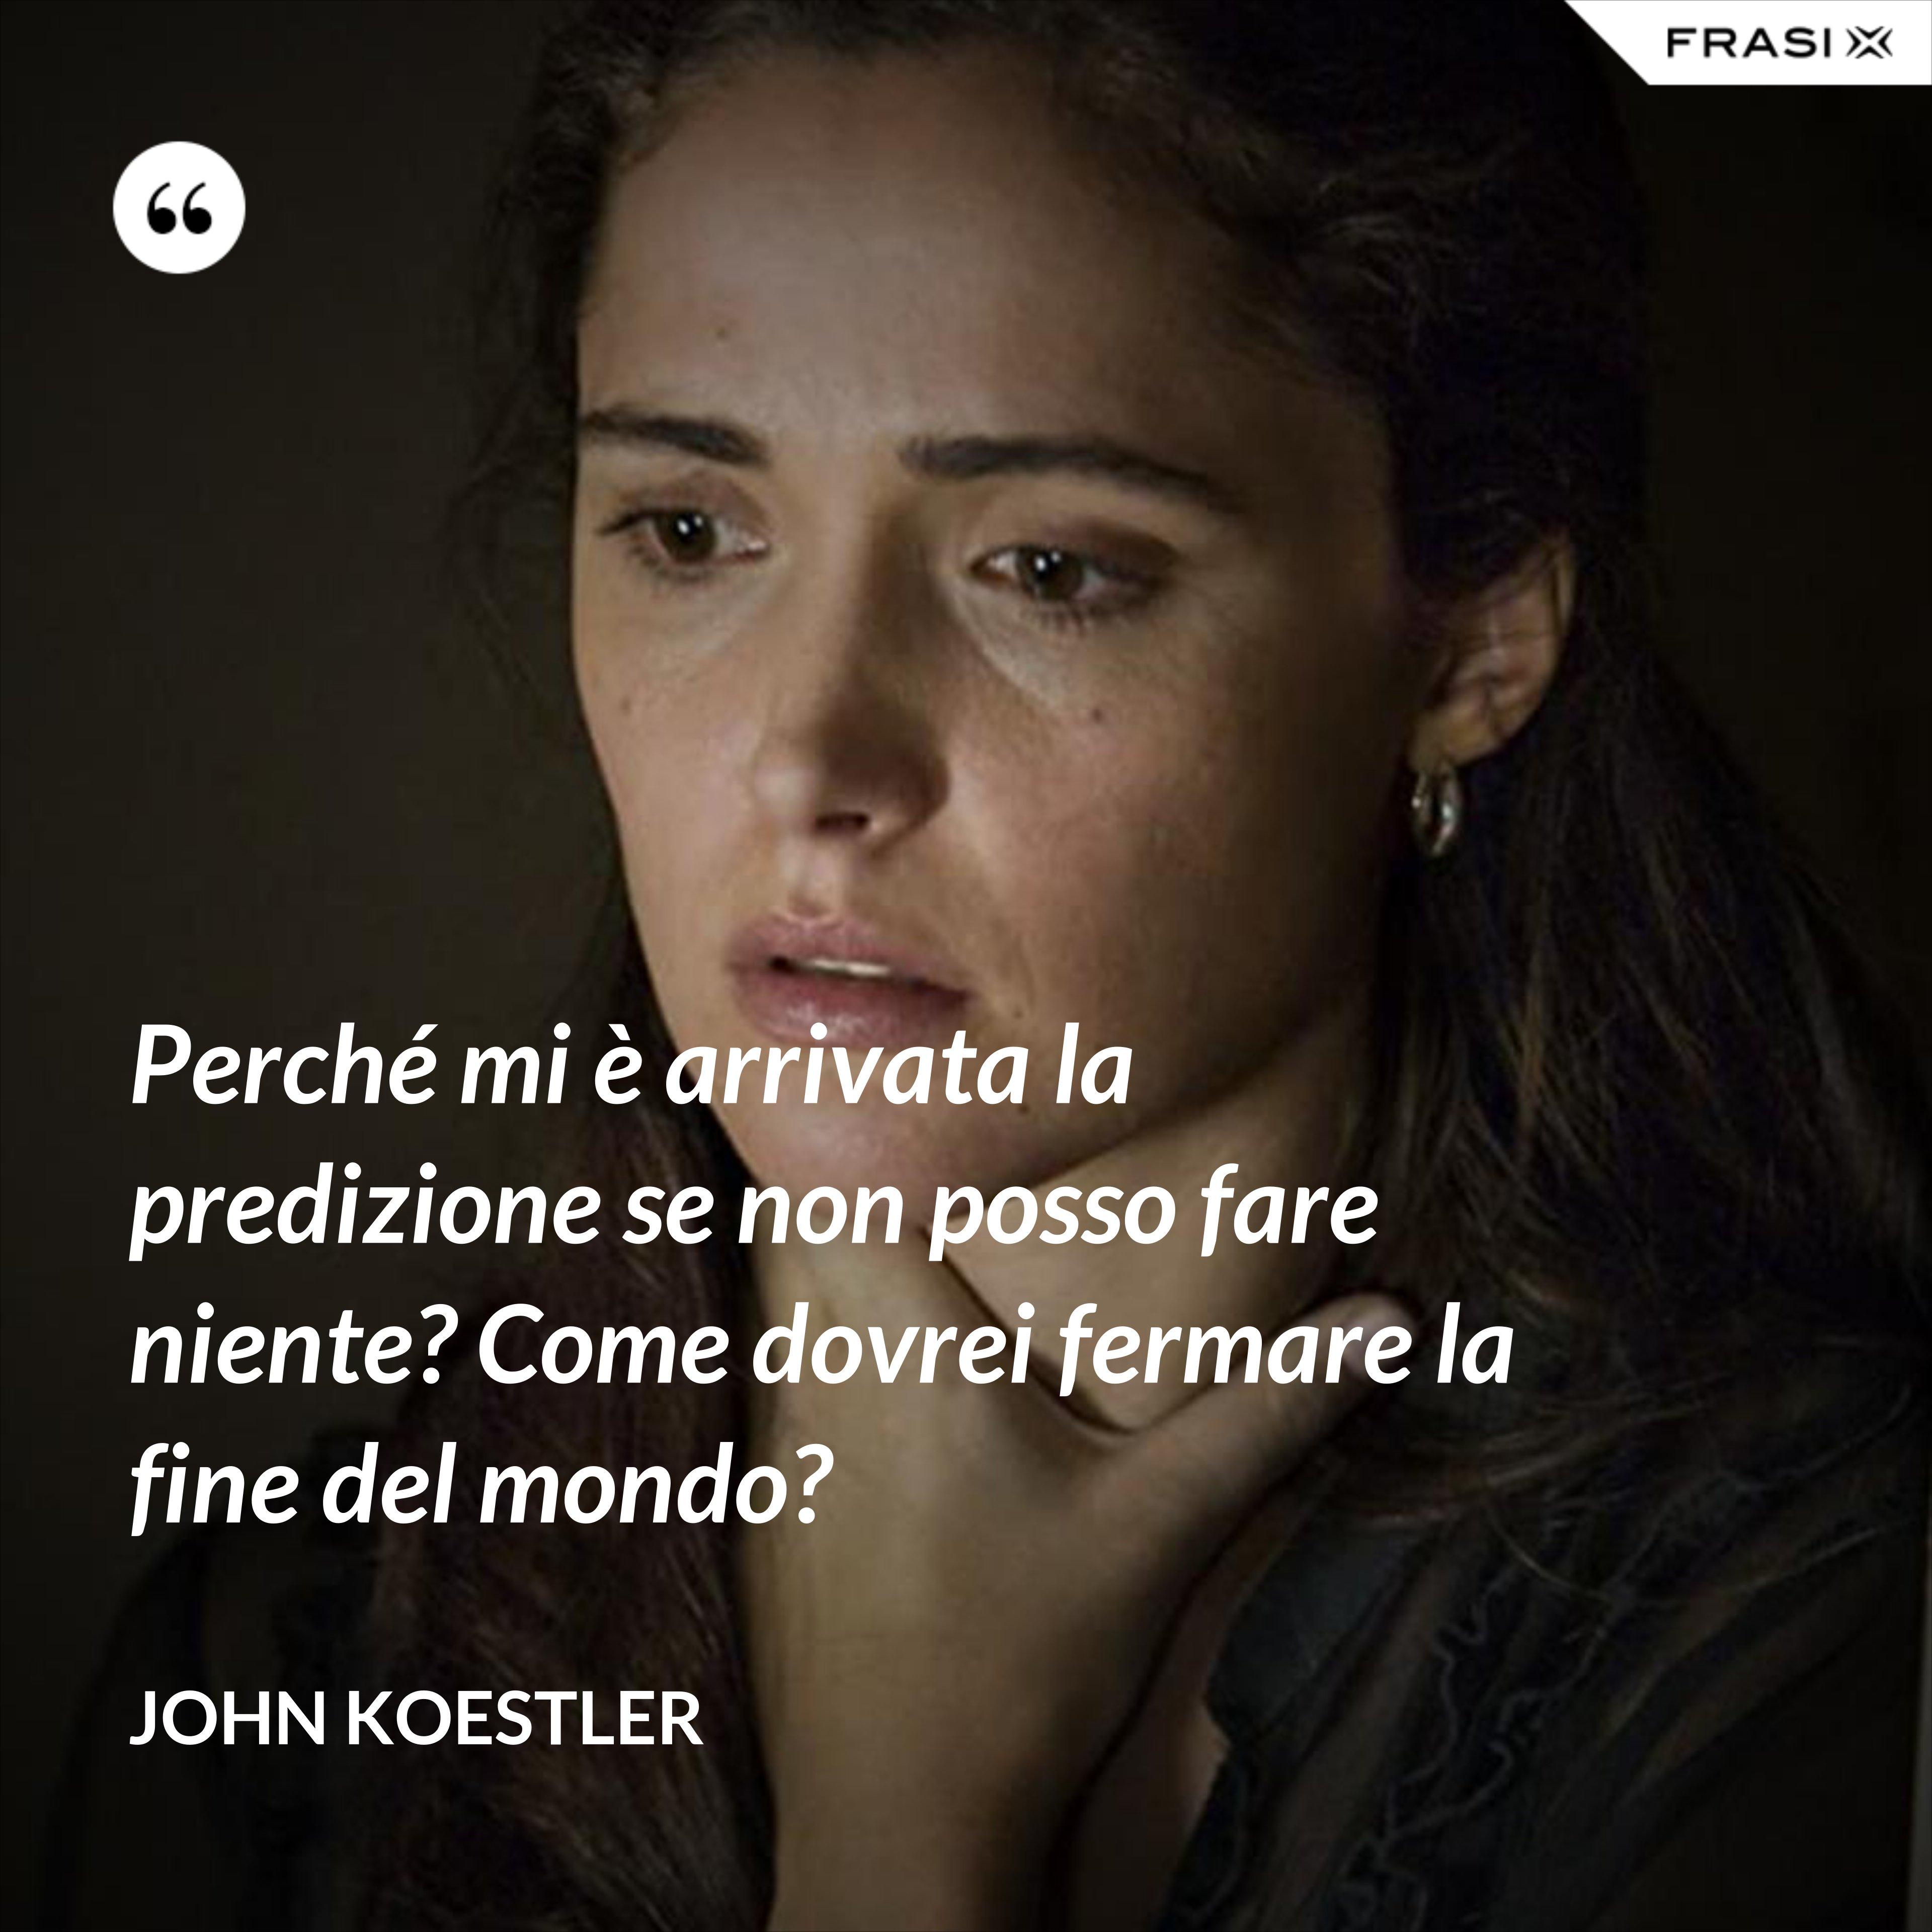 Perché mi è arrivata la predizione se non posso fare niente? Come dovrei fermare la fine del mondo? - John Koestler